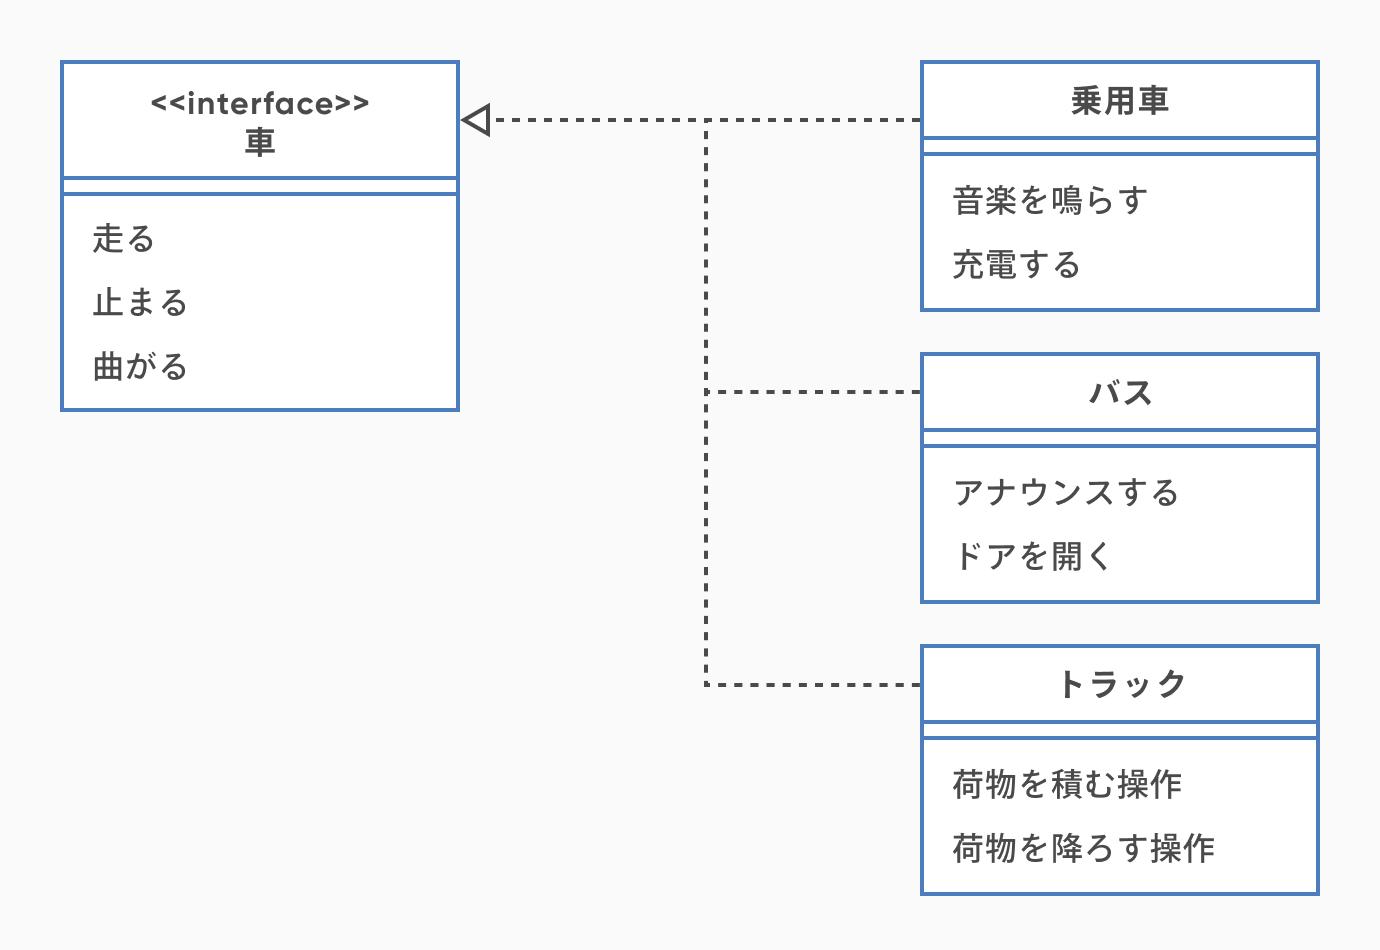 インターフェース_クラス図の書き方とは。初心者にもわかりやすく解説